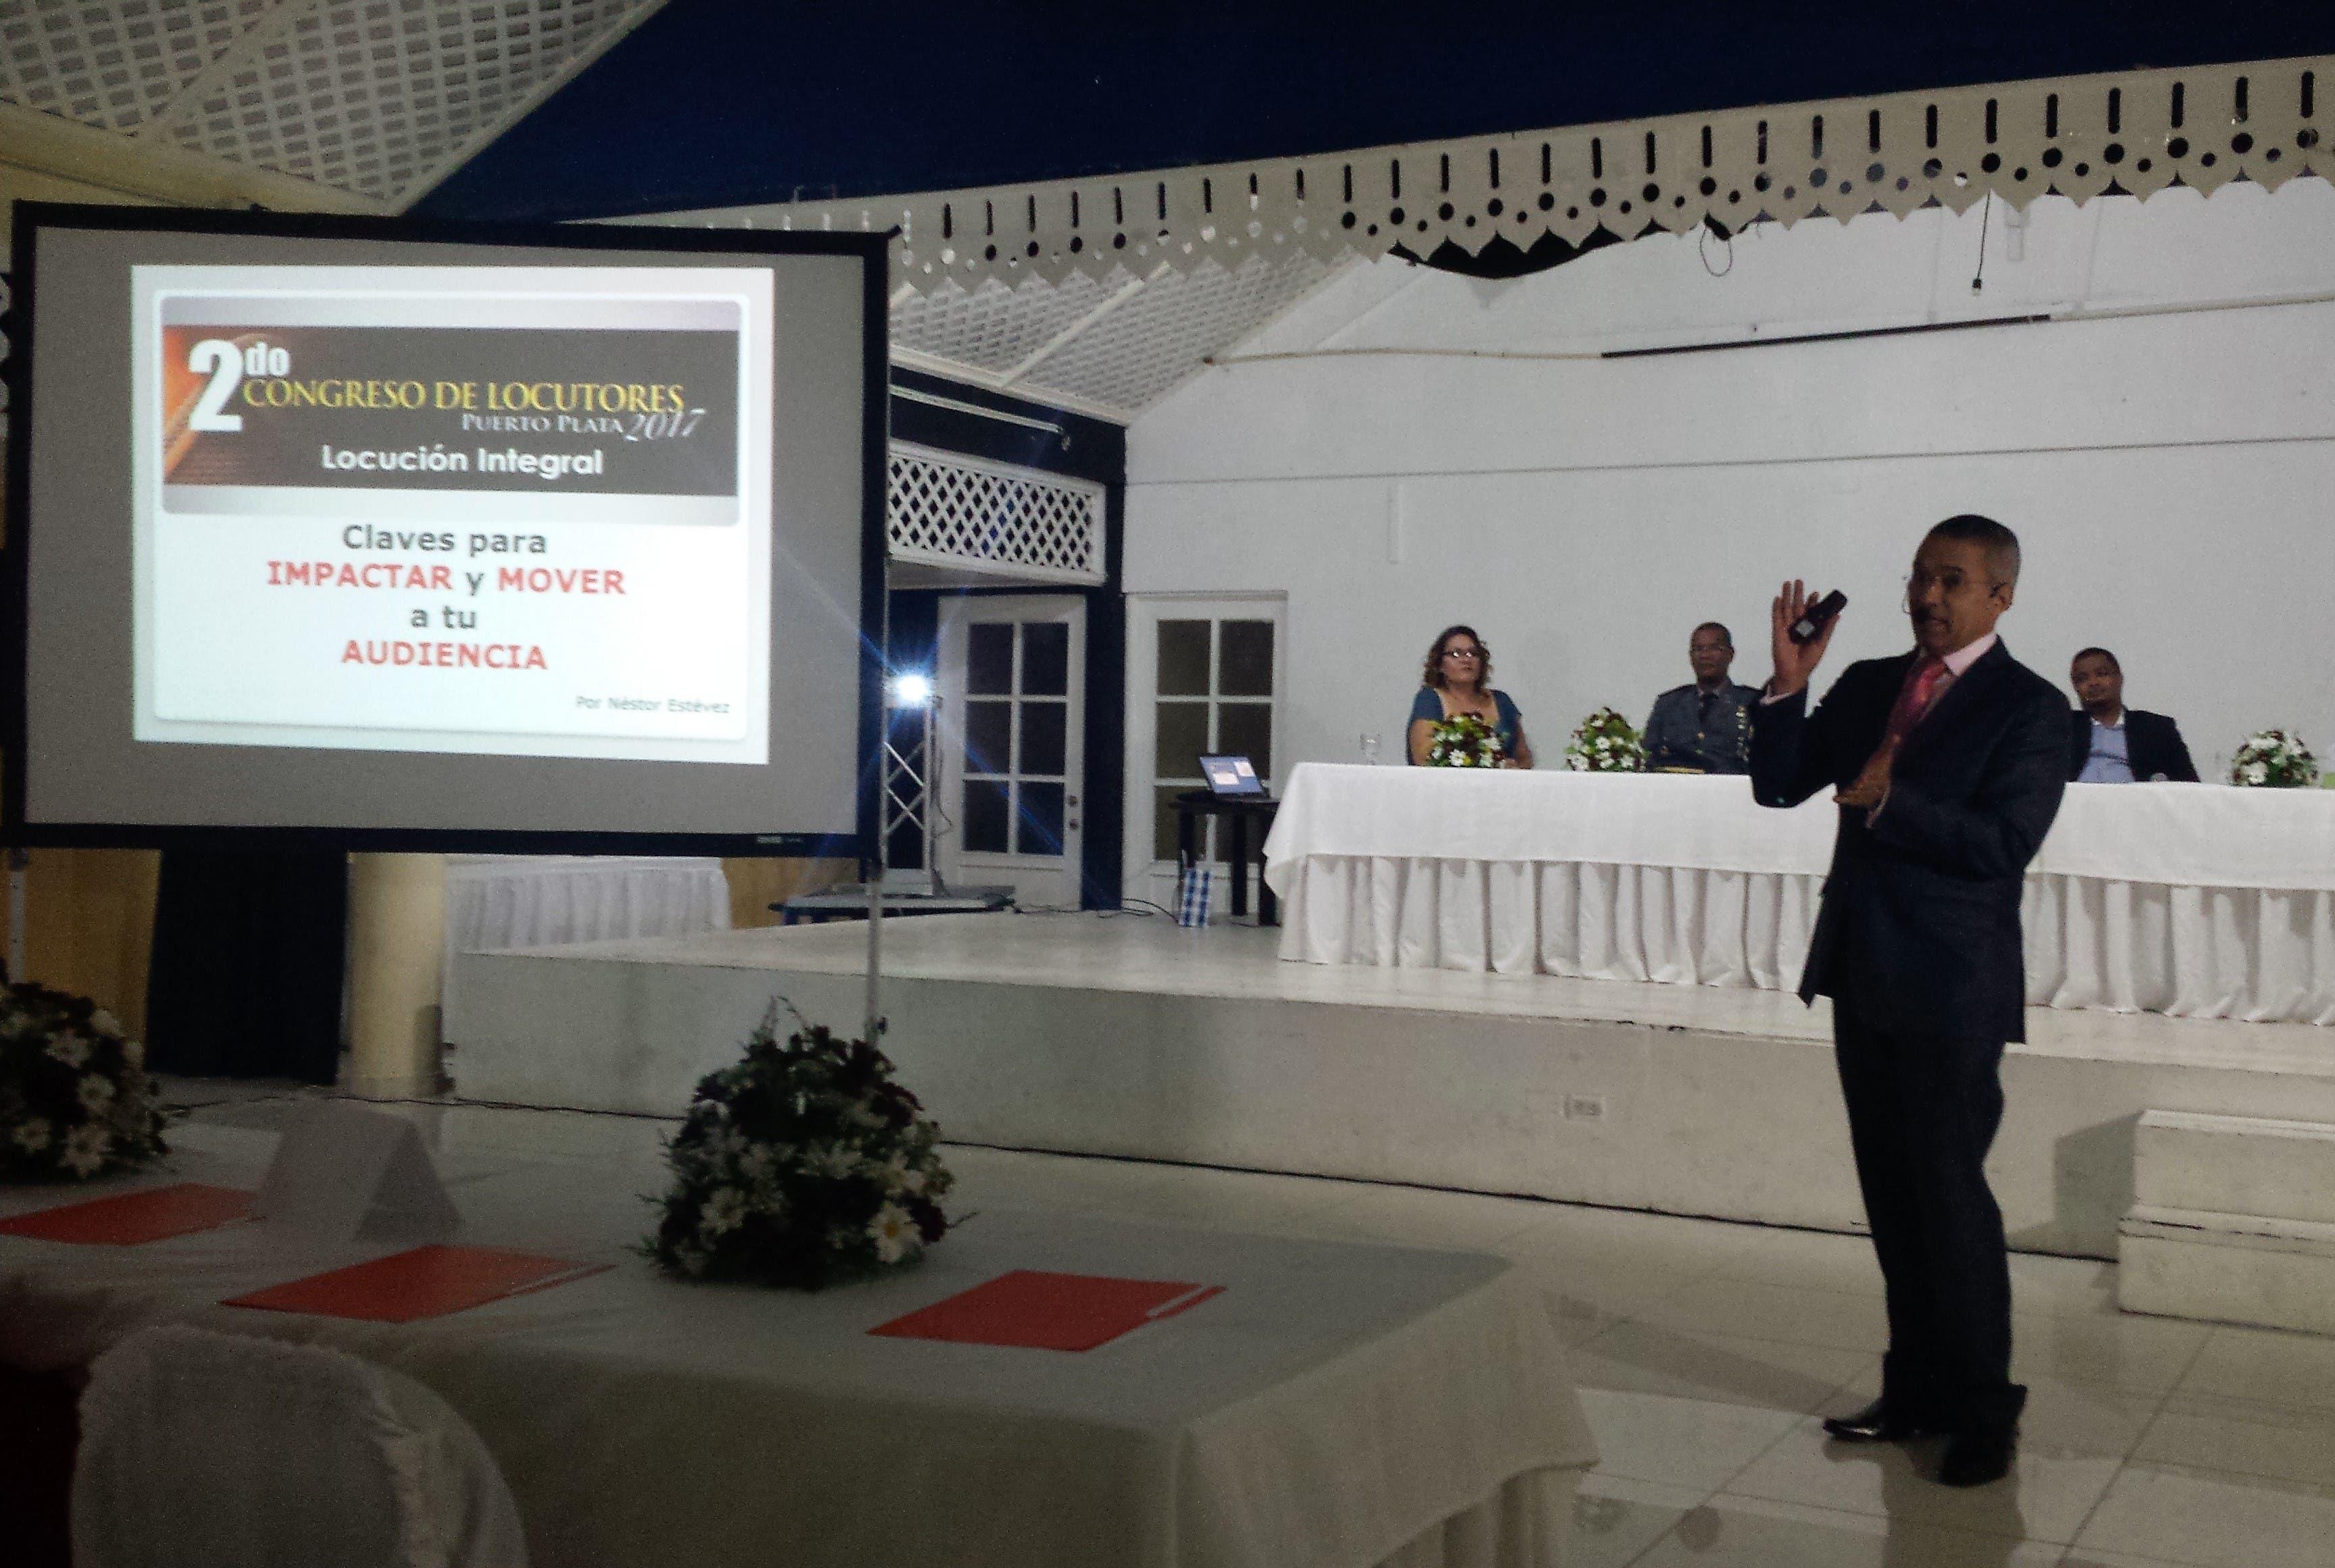 realizan-con-exitos-segundo-congreso-de-locutores-en-puerto-plata-1